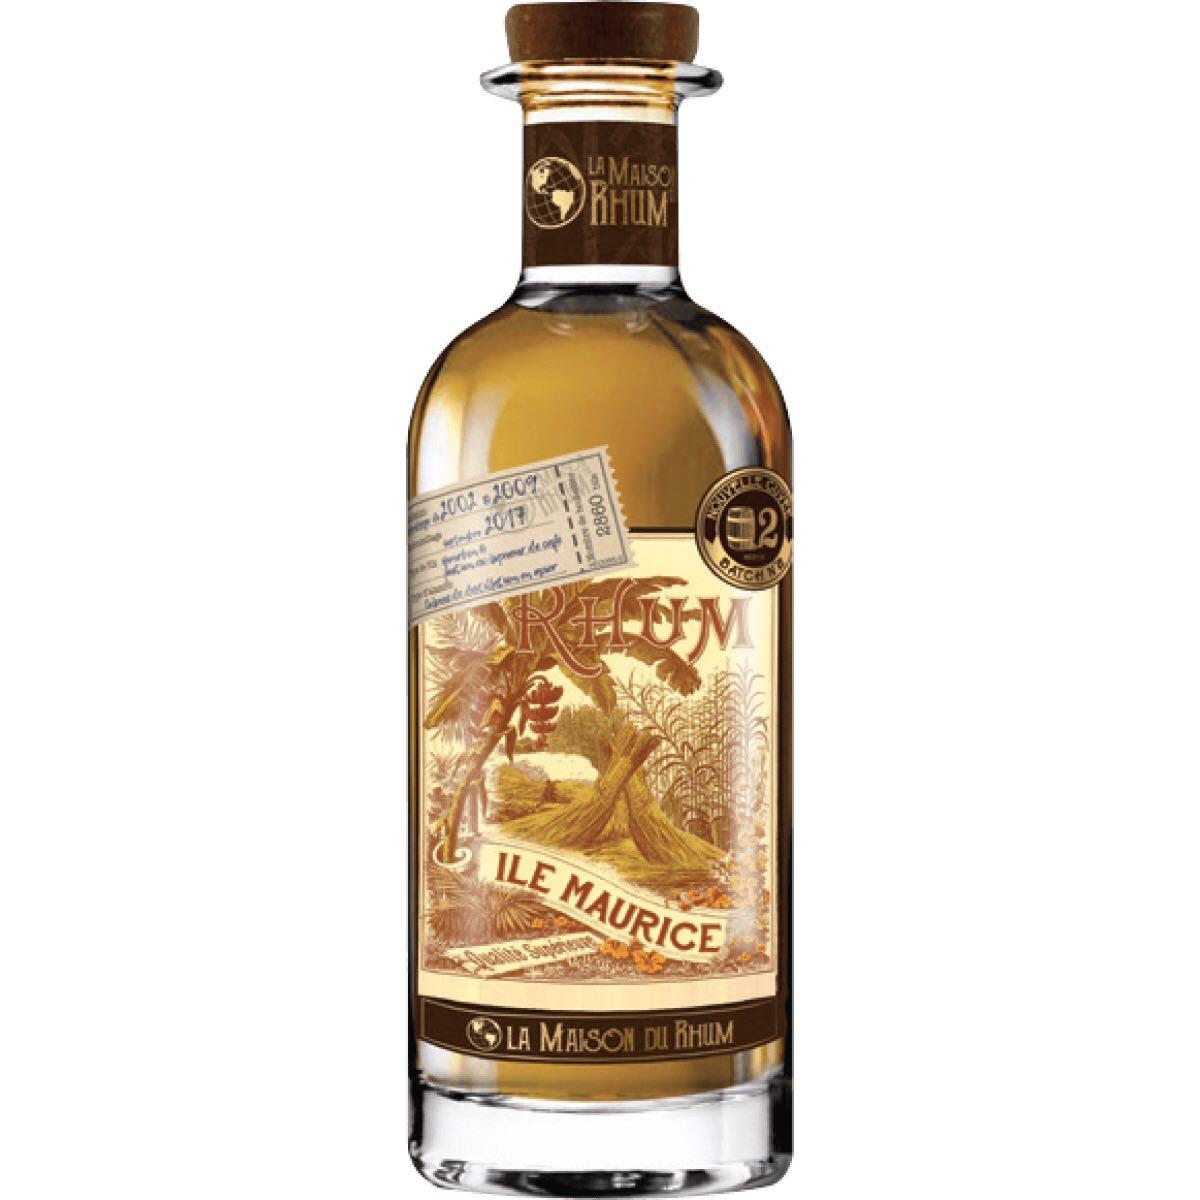 Bottle image of La Maison du Rhum #2